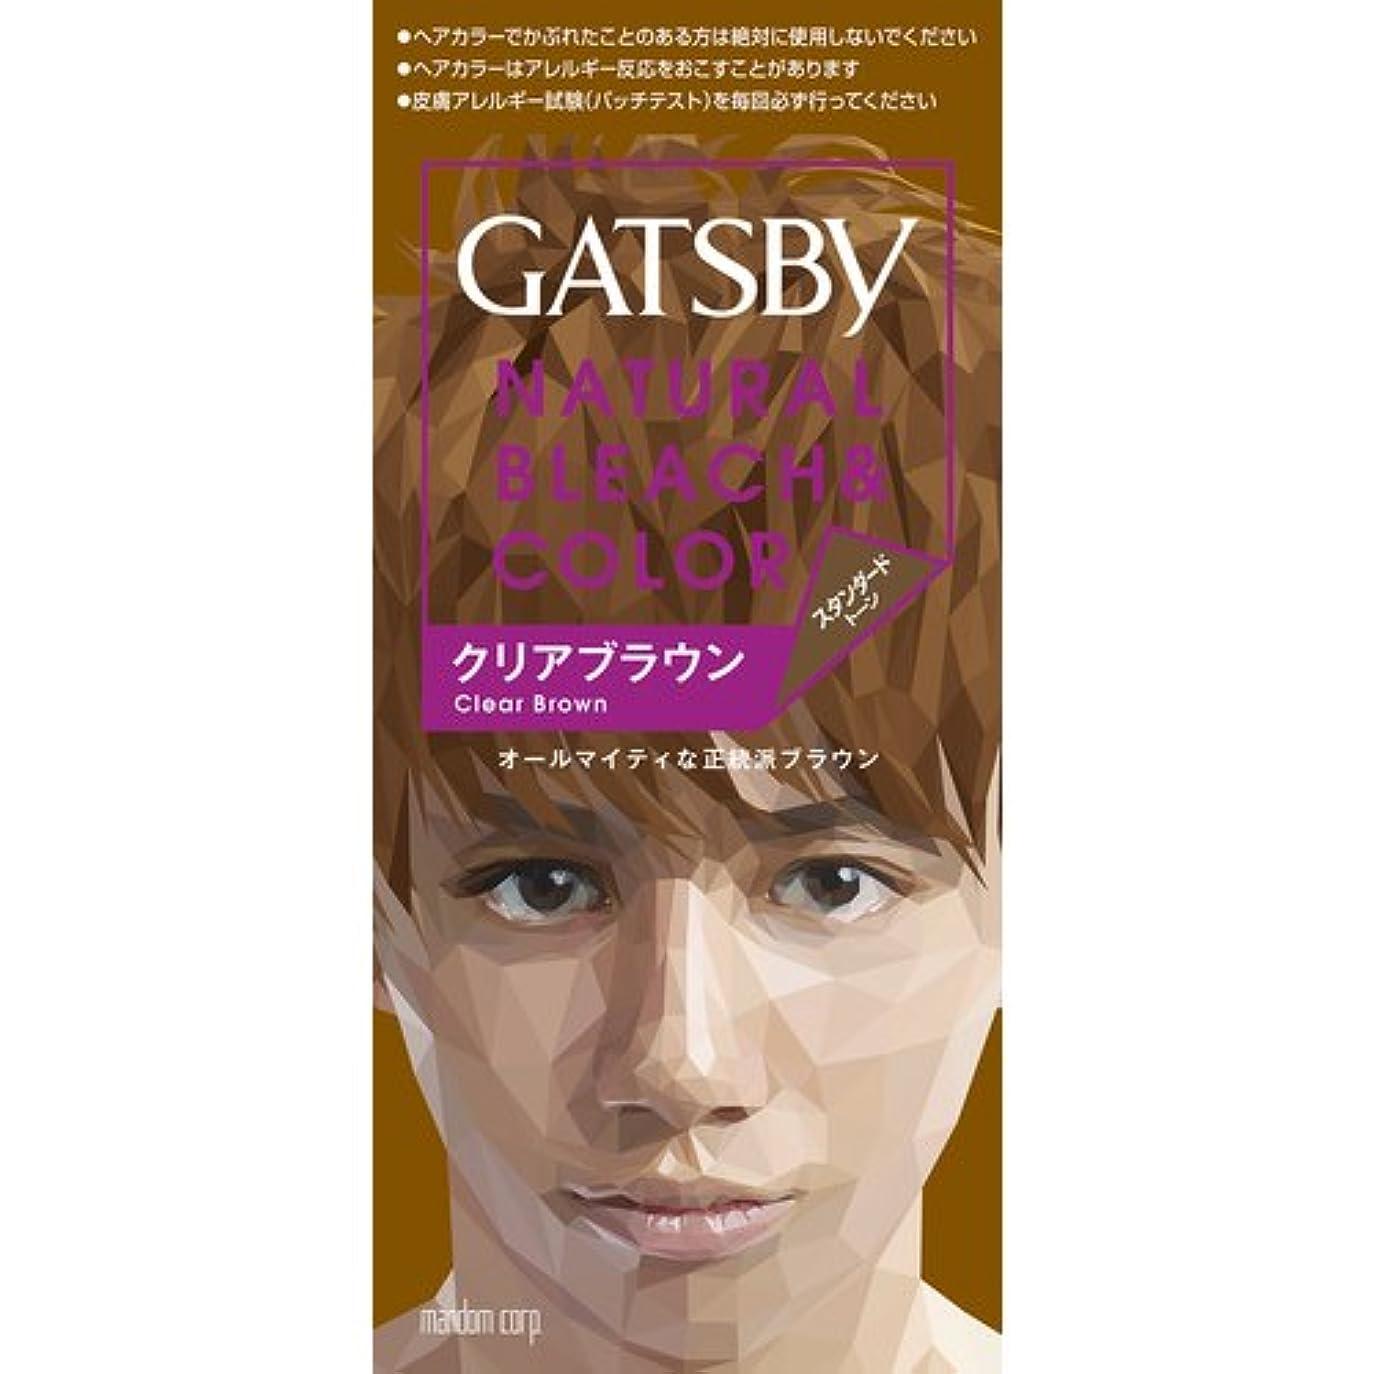 熱機械的に資源ギャツビー(GATSBY) ナチュラルブリーチカラー クリアブラウン 35g+70ml [医薬部外品]